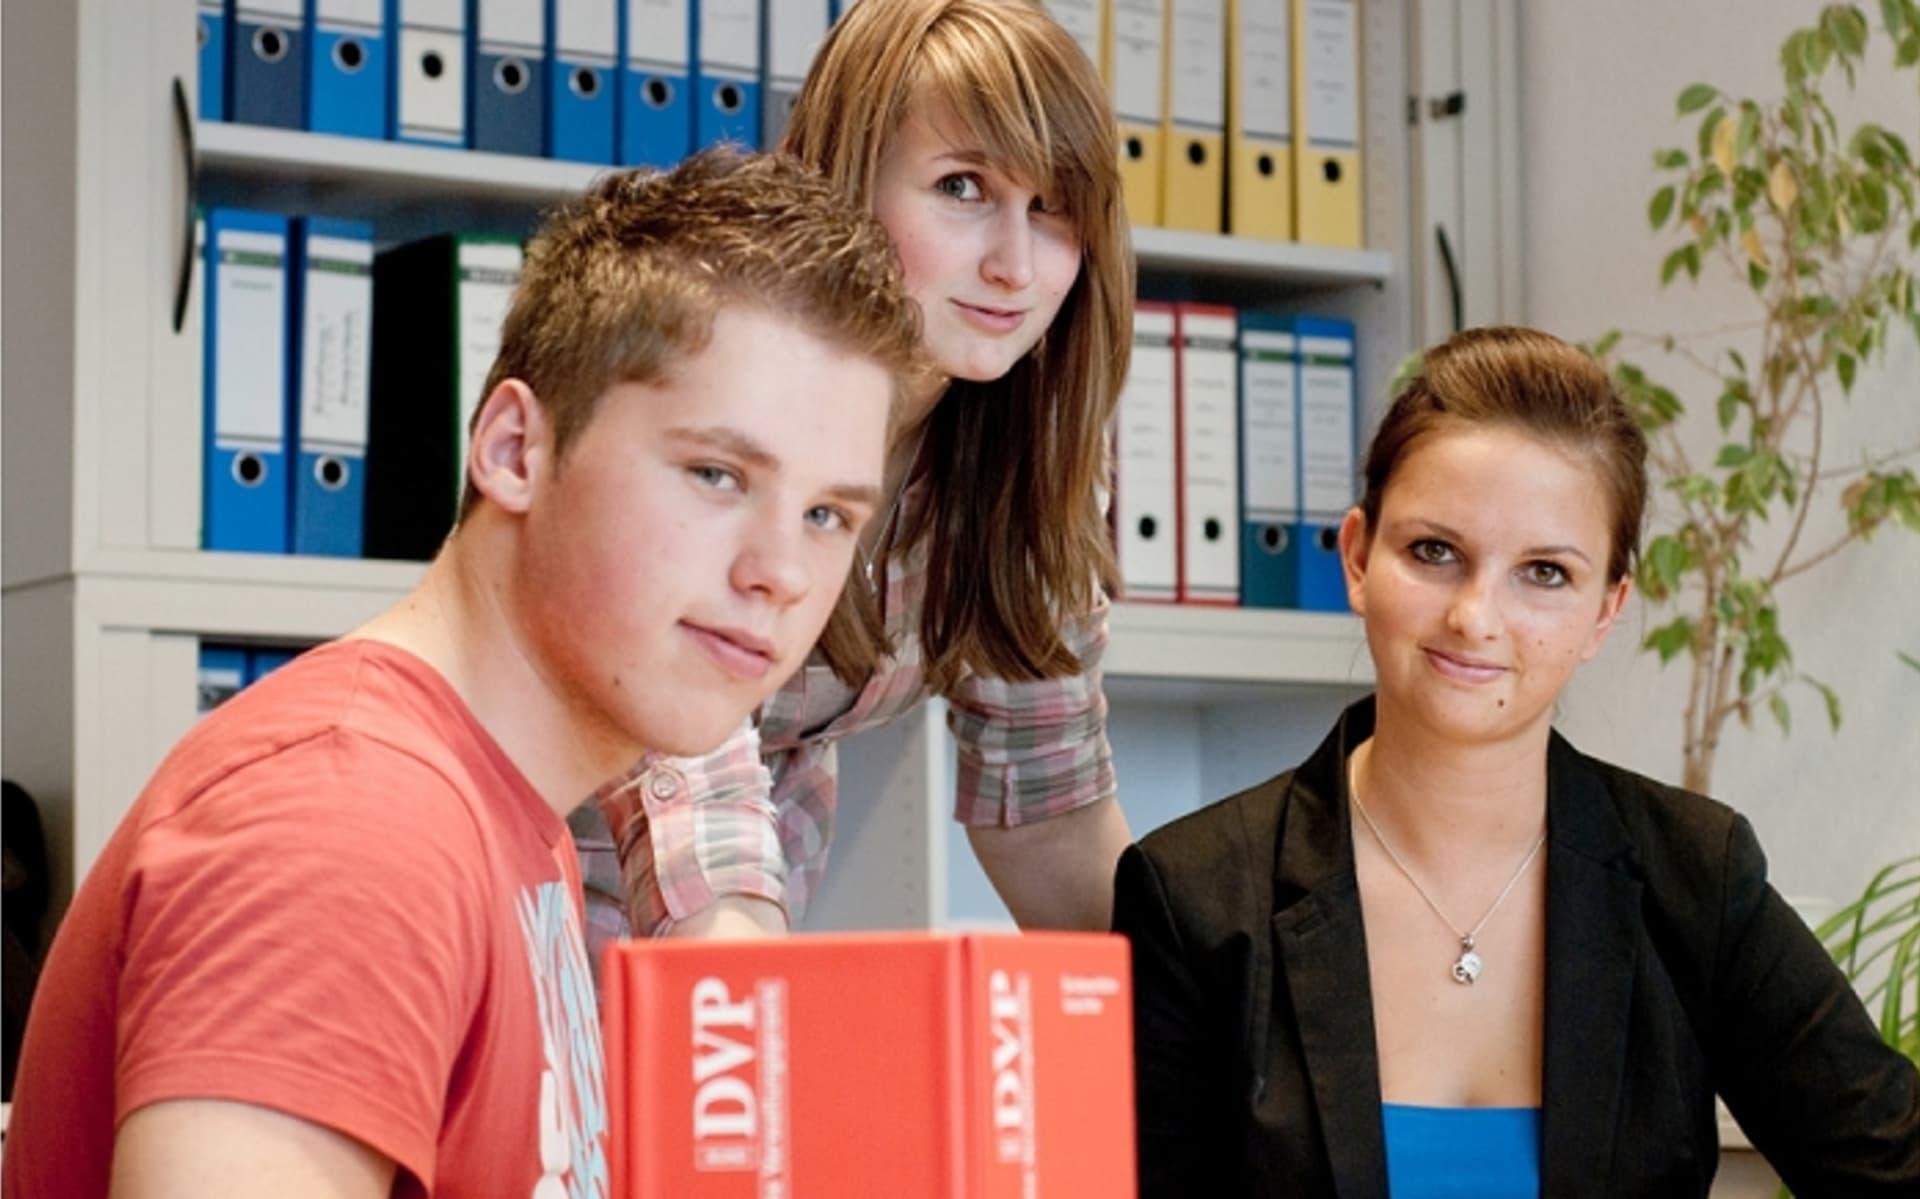 Standort Nds. Landesamt für Soziales, Jugend und Familie - Außenstelle Hannover Land Niedersachsen